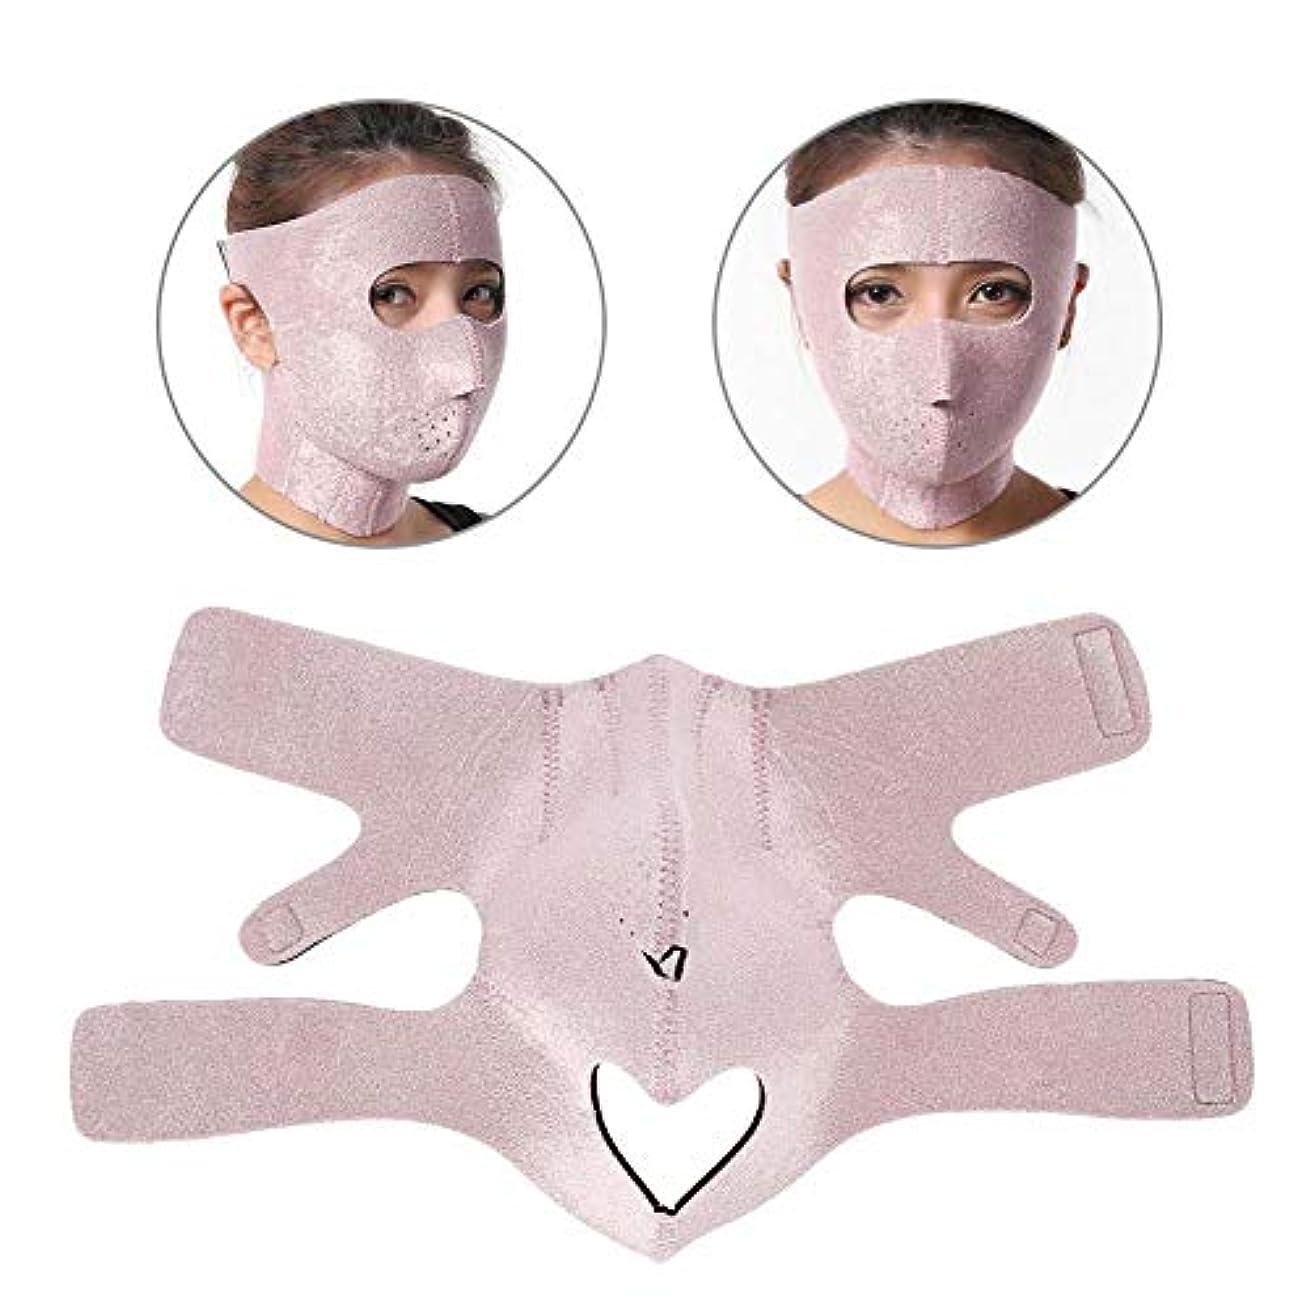 嘆く挨拶借りる顔の輪郭を改善する 美容包帯 フェイスリフト用フェイスマスク 通気性/伸縮性/変形不可